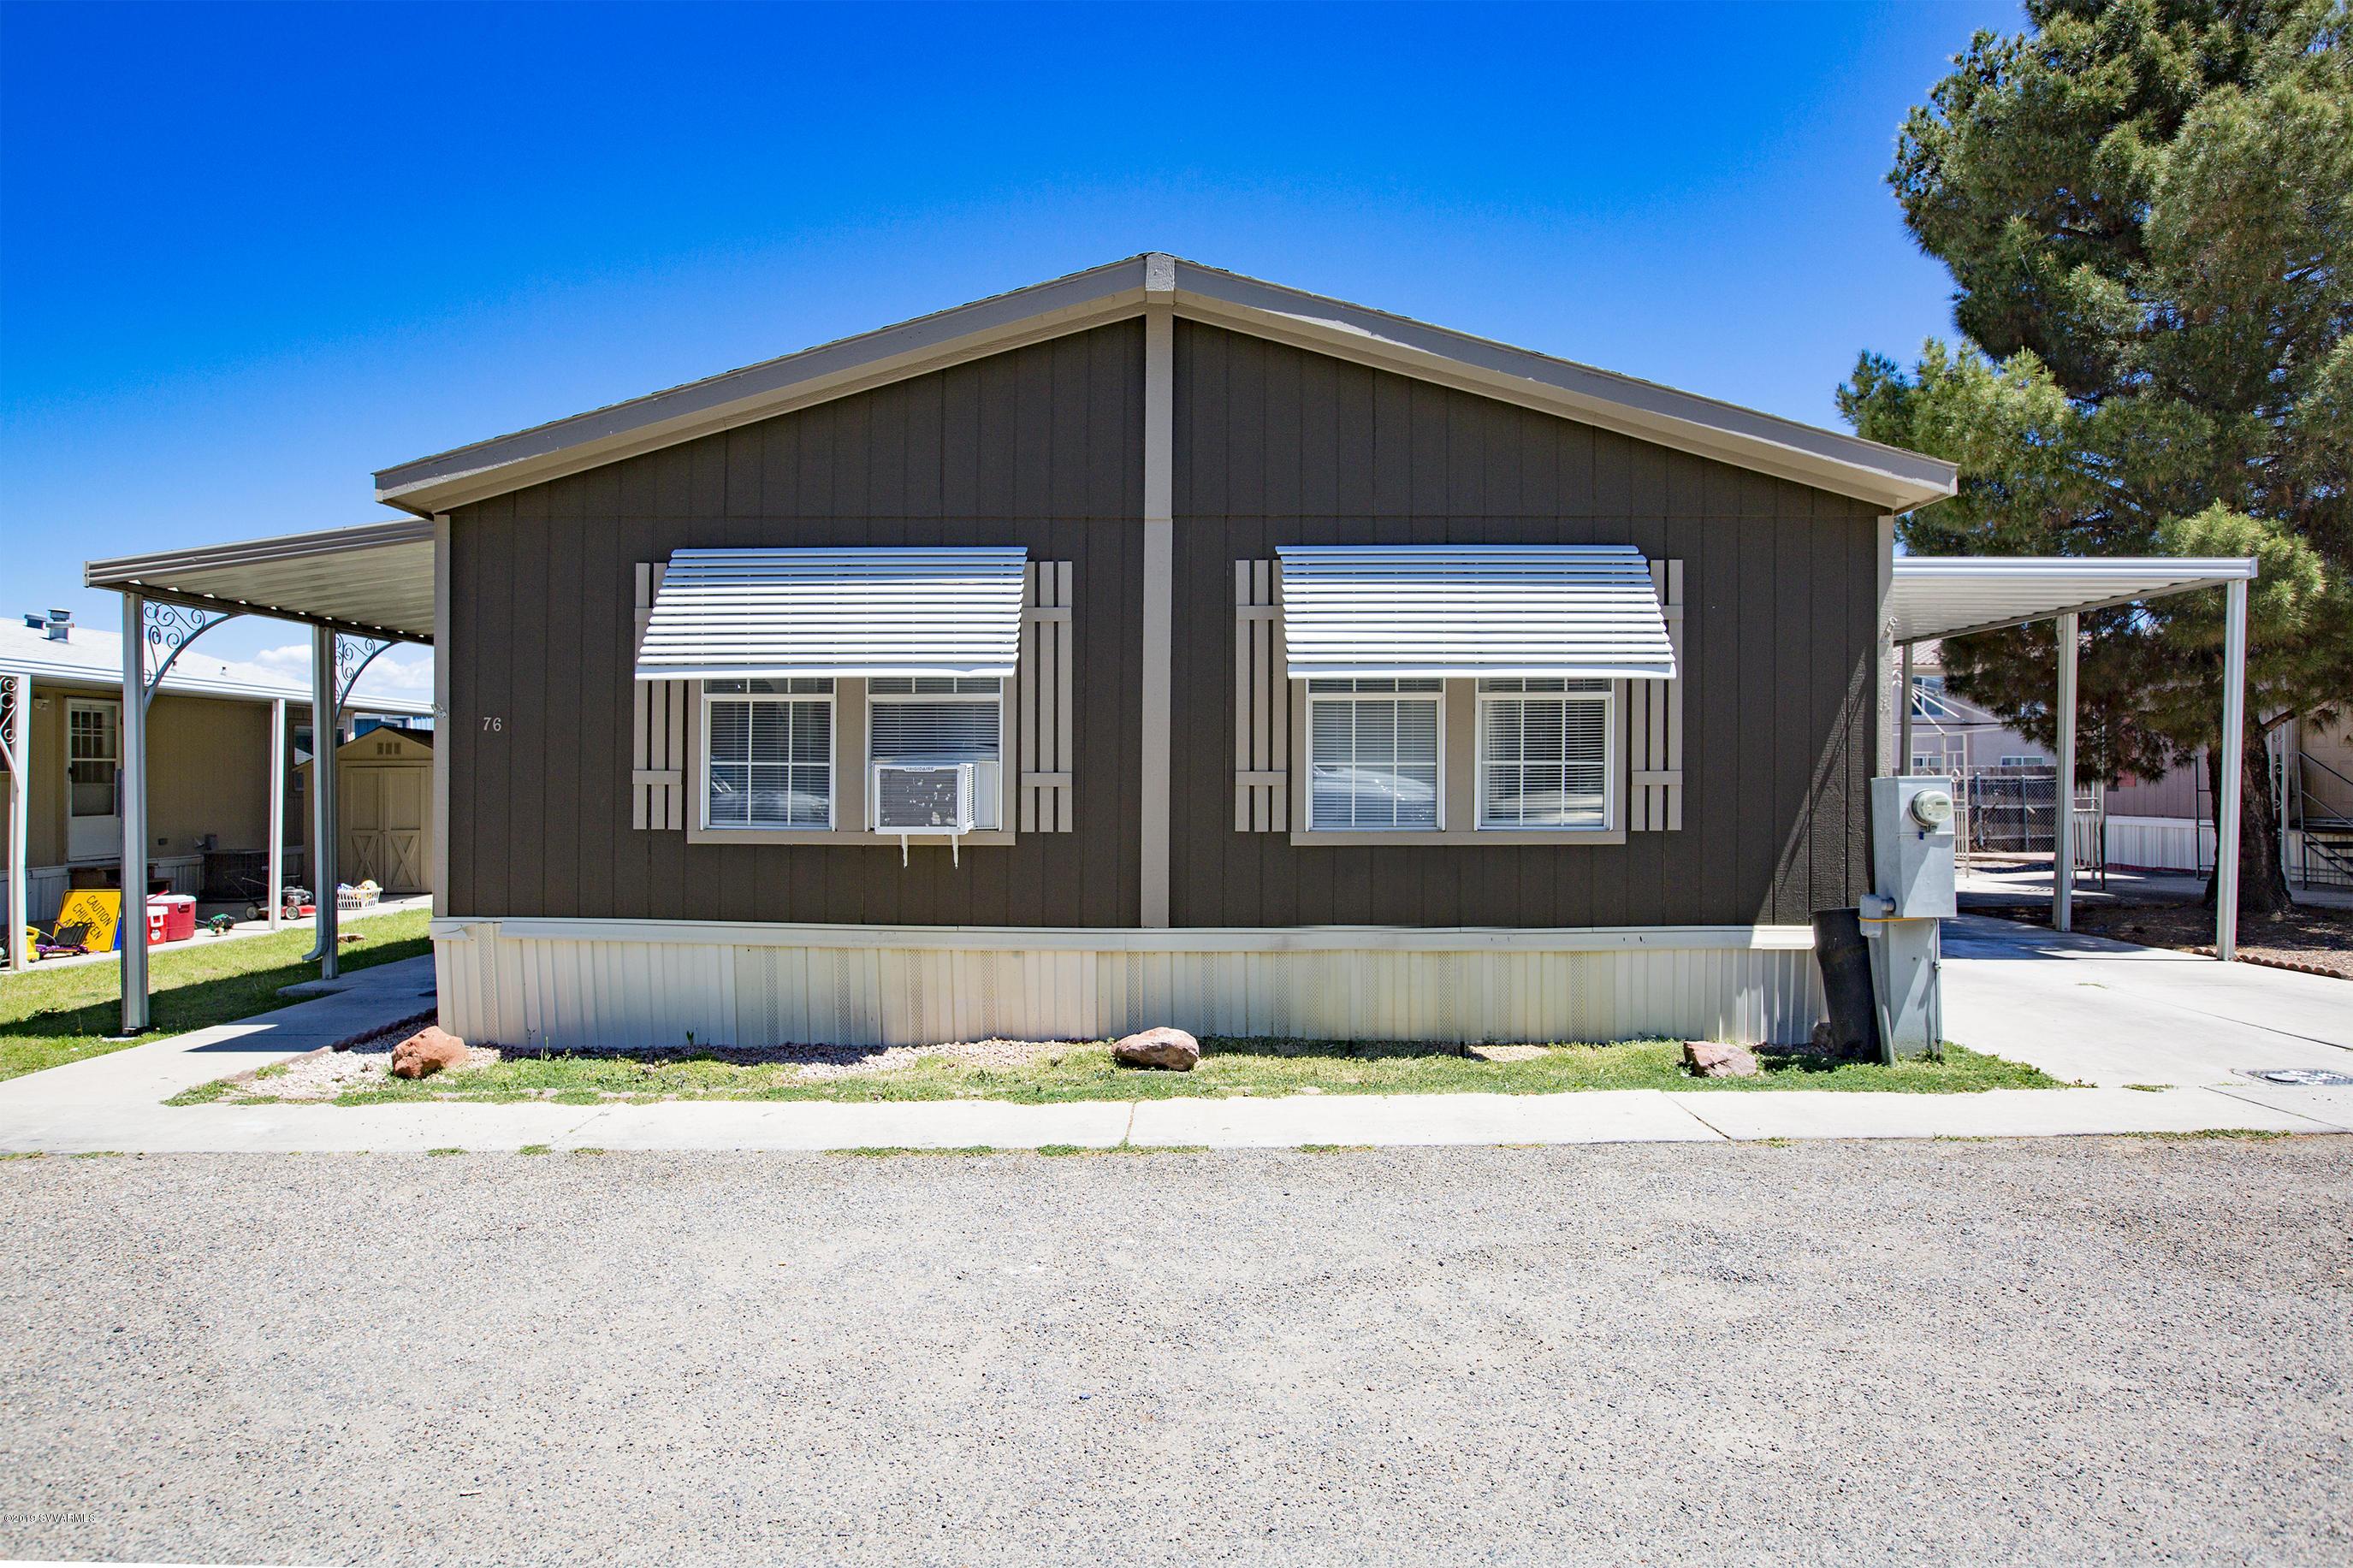 723 76 Finnie Flat Rd Camp Verde, AZ 86322